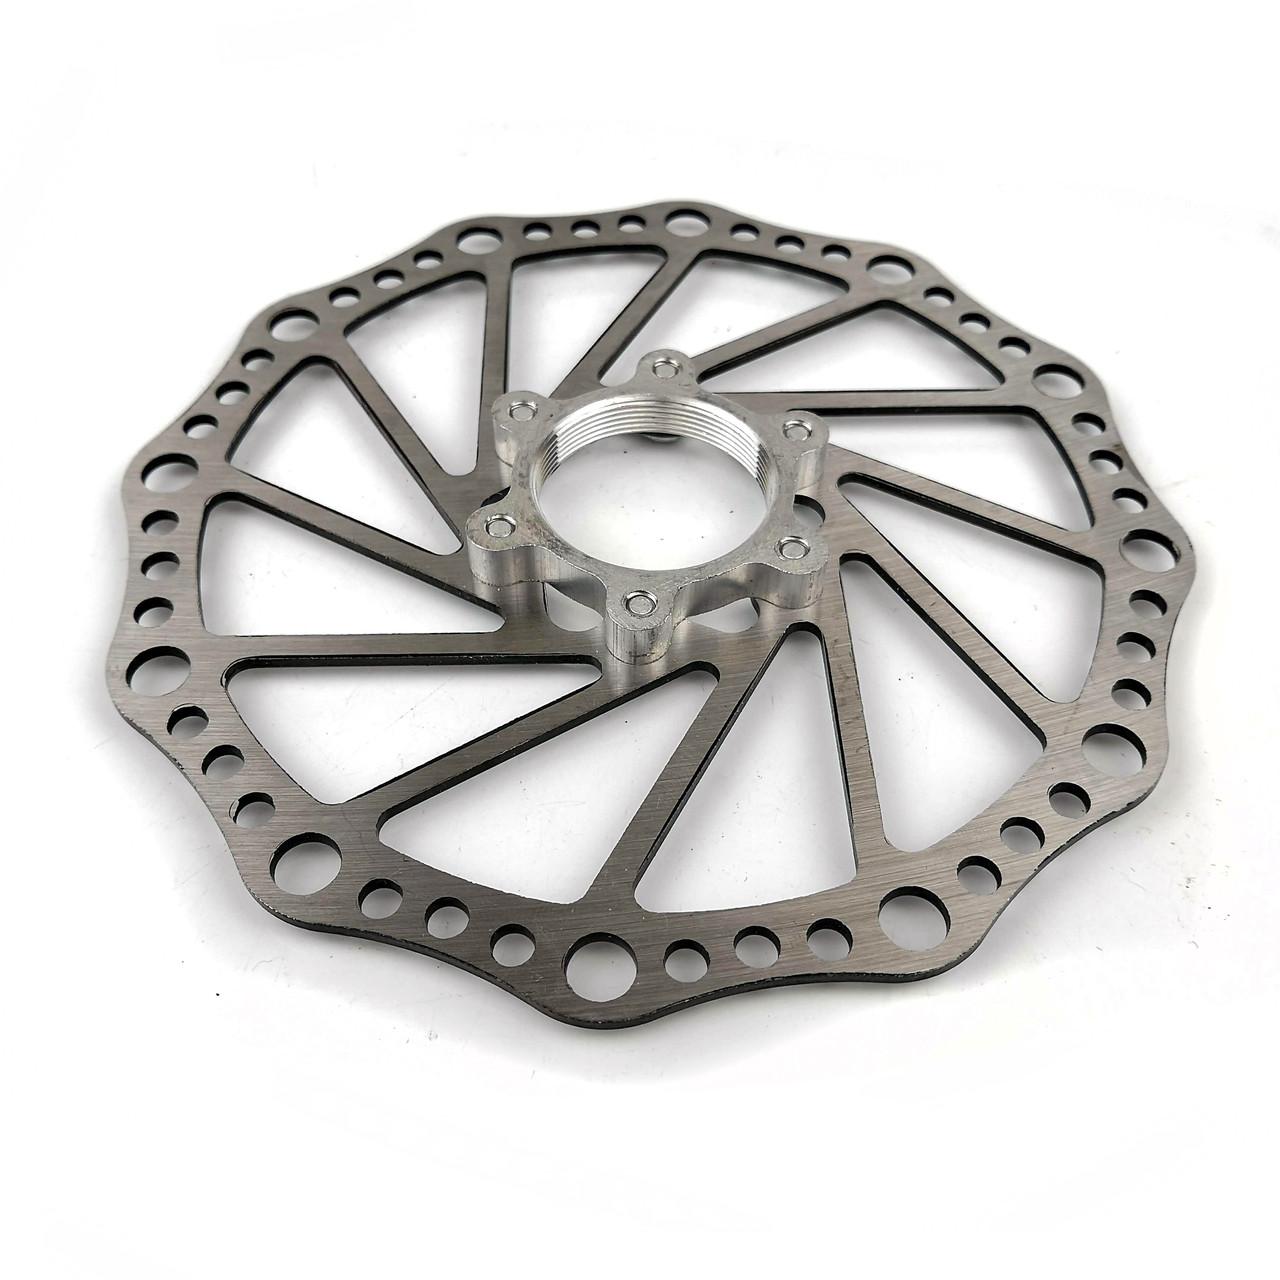 Ротор дискового тормоза 160мм с фланцем